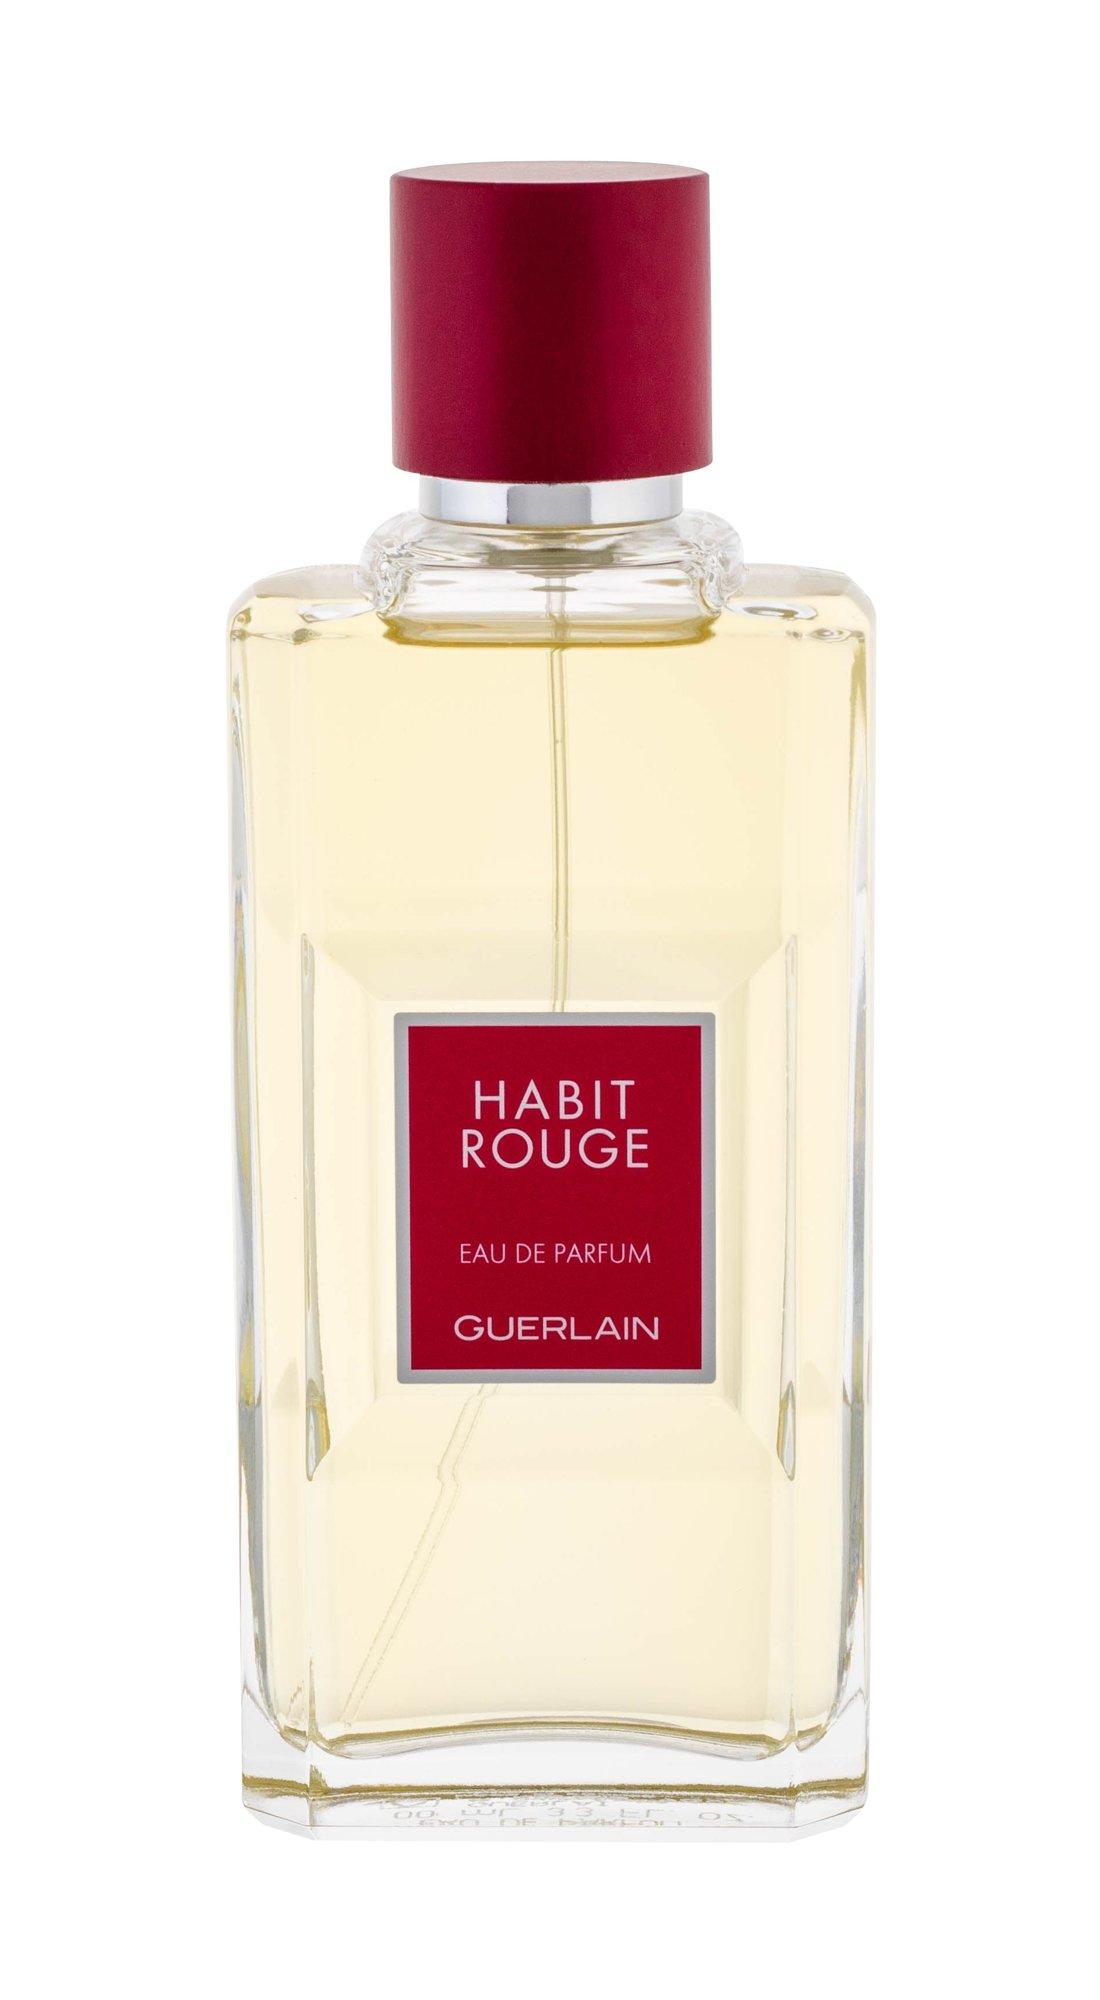 Guerlain Habit Rouge Eau de Parfum 100ml